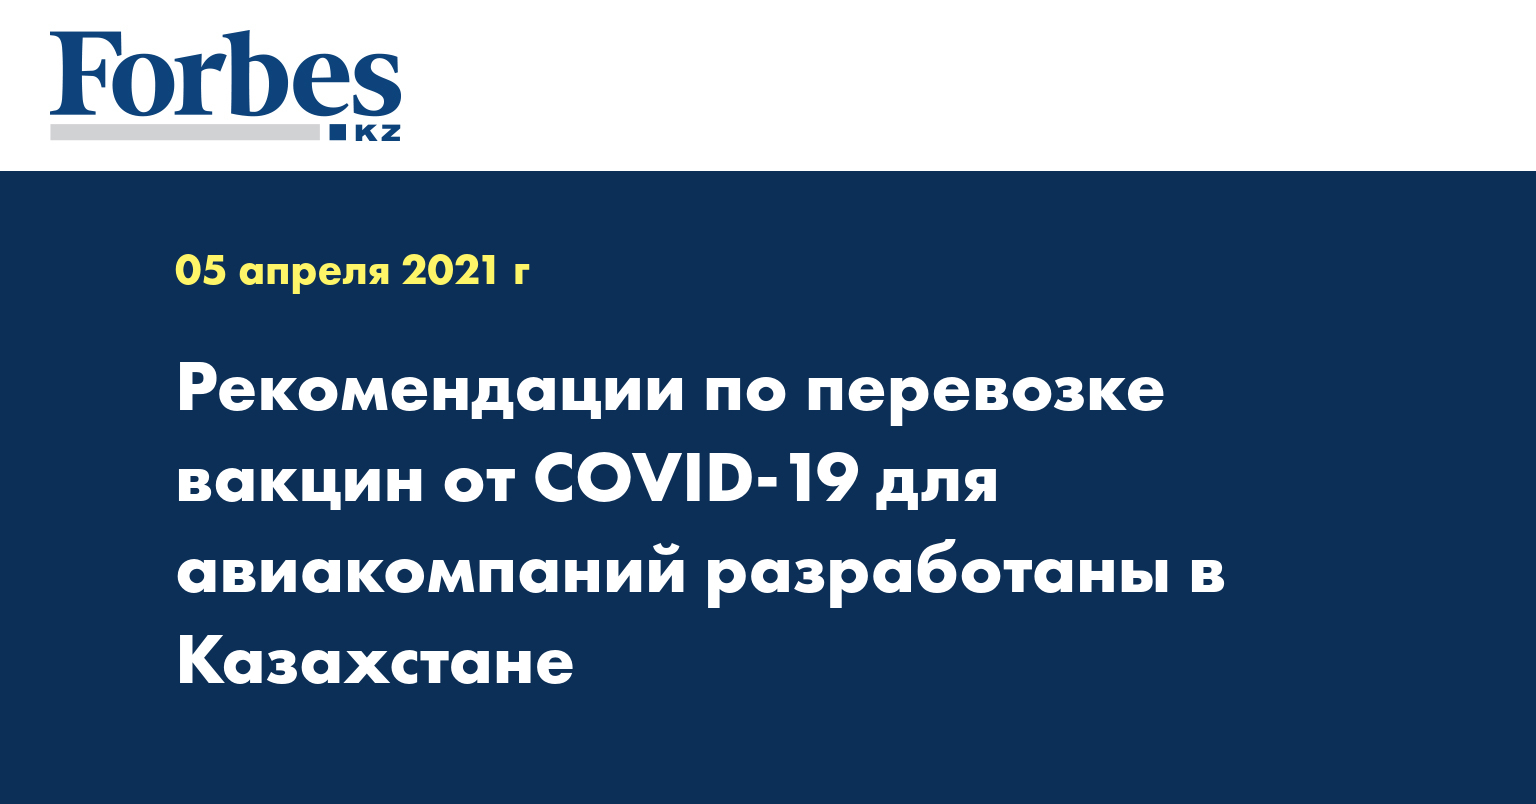 Рекомендации по перевозке вакцин от COVID-19 для авиакомпаний разработаны в Казахстане